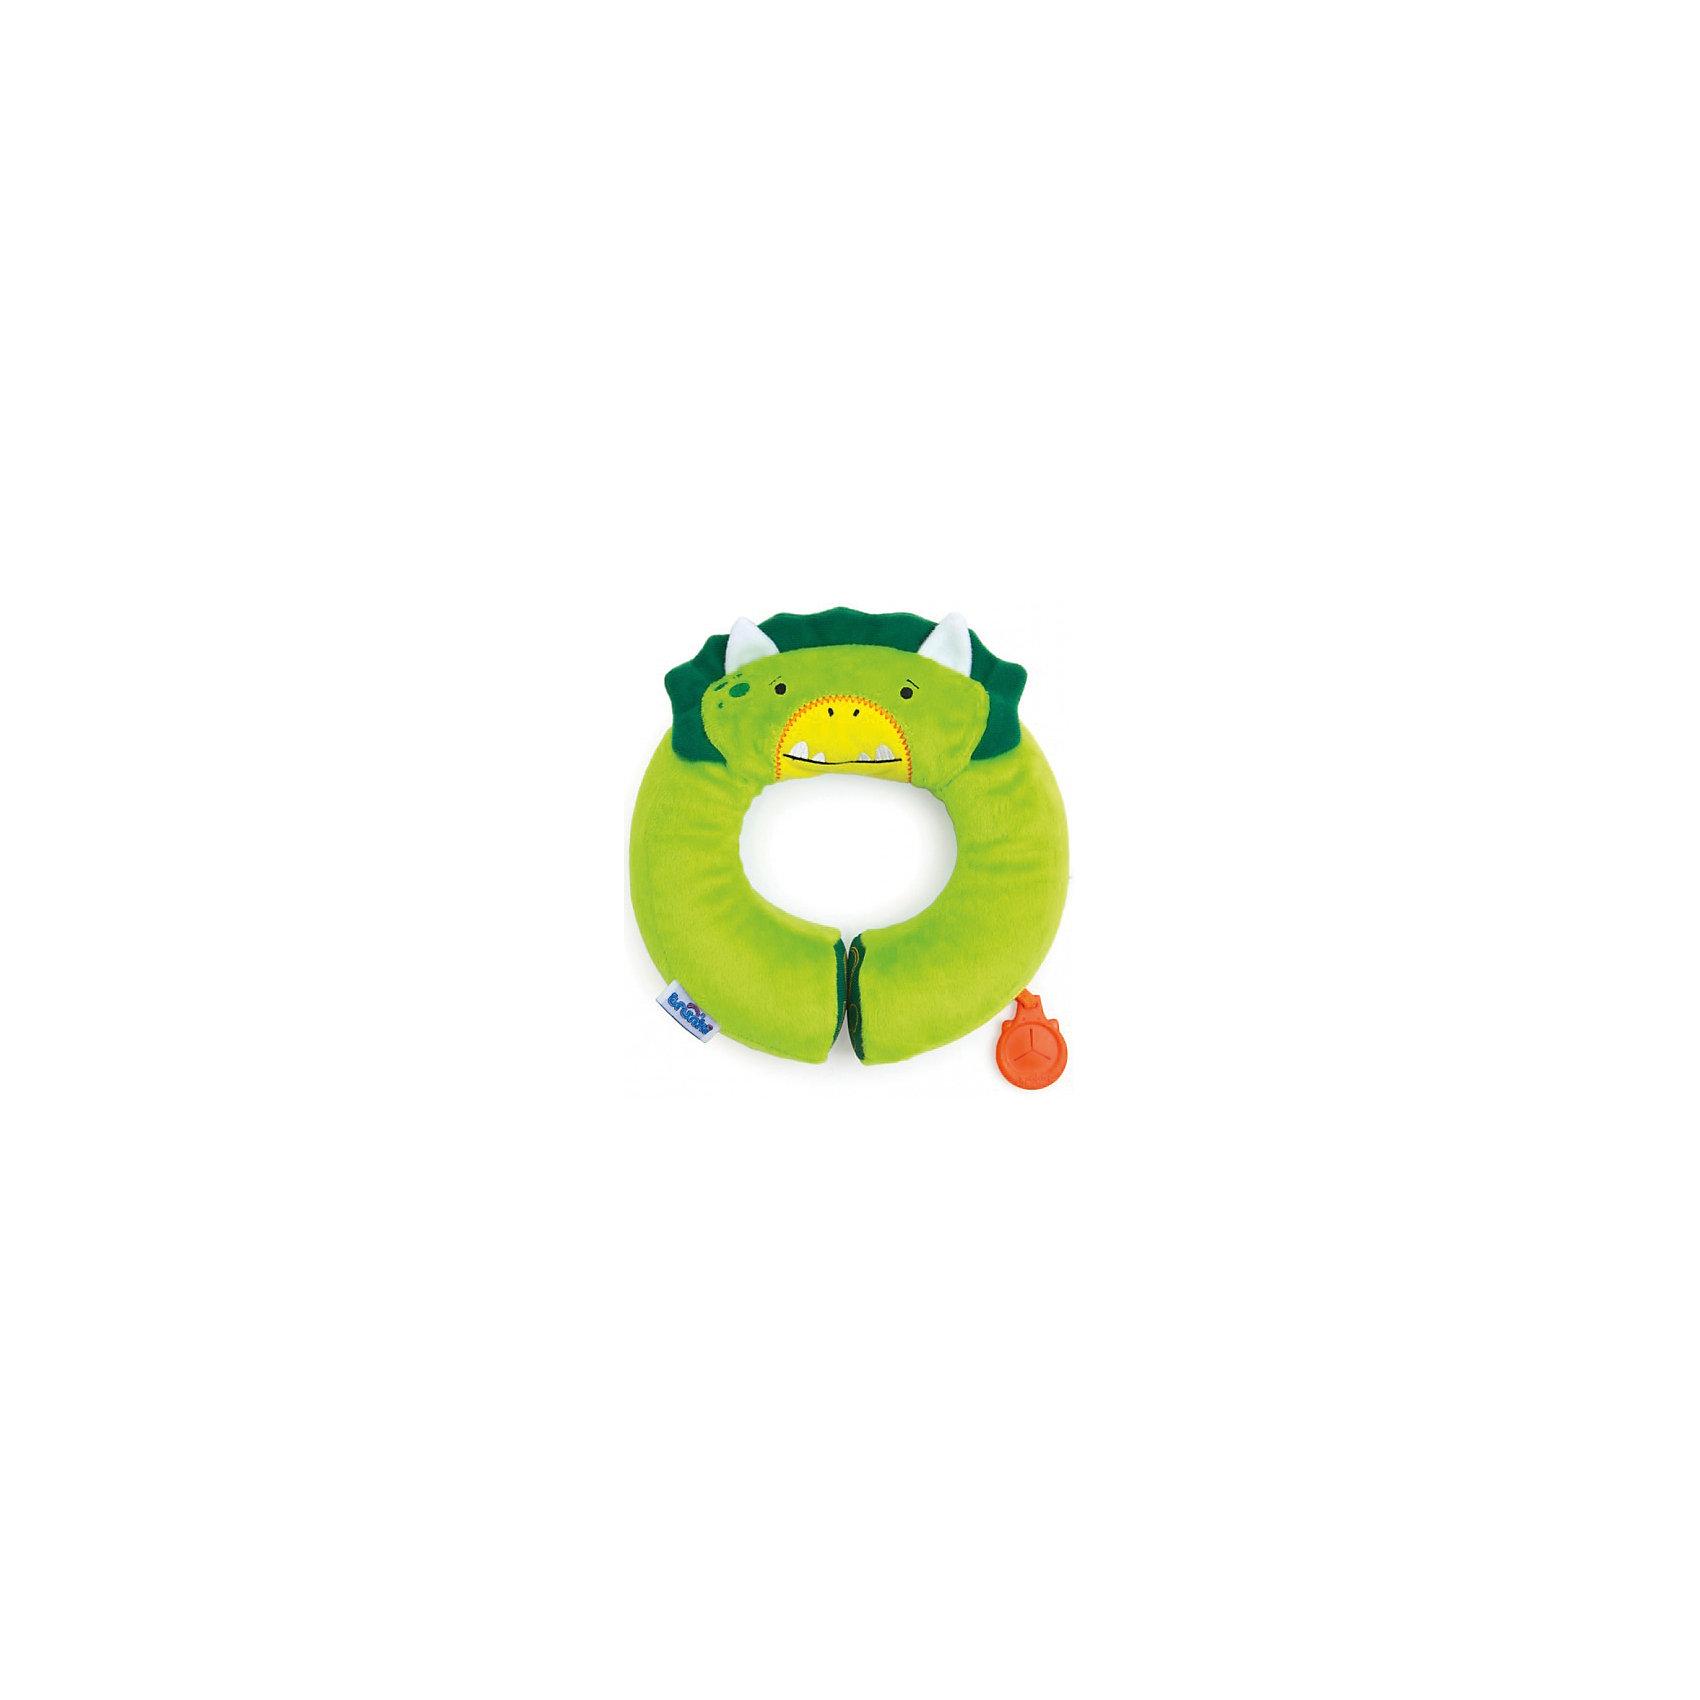 Зеленый подголовник Дино, YondiЯркий и мягкий подголовник для детей Динозавр ярко-зеленого цвета позволит сделать путешествие ребенка комфортным.<br>Подголовник сделан из мягкого приятного на ощупь материала, а потому малышу так понравится спать на нем в дороге. Специальным наполнитель позволит создать анатомическую форму и облегчит нагрузку на шею и плечевые мышцы малыша.<br>Подголовник выполнен в ярком зеленом цвете в виде мордочки забавного лисенка с ушками. Это позволяет использовать аксессуар в качестве игрушки.<br>Универсальный держатель Trunki Grip позволяет закрепить одеялко или же повесить солнцезащитные детские очки. <br><br>Дополнительная информация:<br><br>Внутренний диаметр подголовника: 10 см (окружность 28 см).<br>Внешний диаметр 20 см.<br>Вес: около 100 грамм.<br>Подголовник соответствует международным стандартам безопасности: CE и ASTM.<br>Возможно использование с детскими автокреслами.<br><br>Зеленый подголовник Дино, Yondi можно купить в нашем магазине.<br><br>Ширина мм: 200<br>Глубина мм: 200<br>Высота мм: 50<br>Вес г: 100<br>Возраст от месяцев: 36<br>Возраст до месяцев: 84<br>Пол: Унисекс<br>Возраст: Детский<br>SKU: 4090986